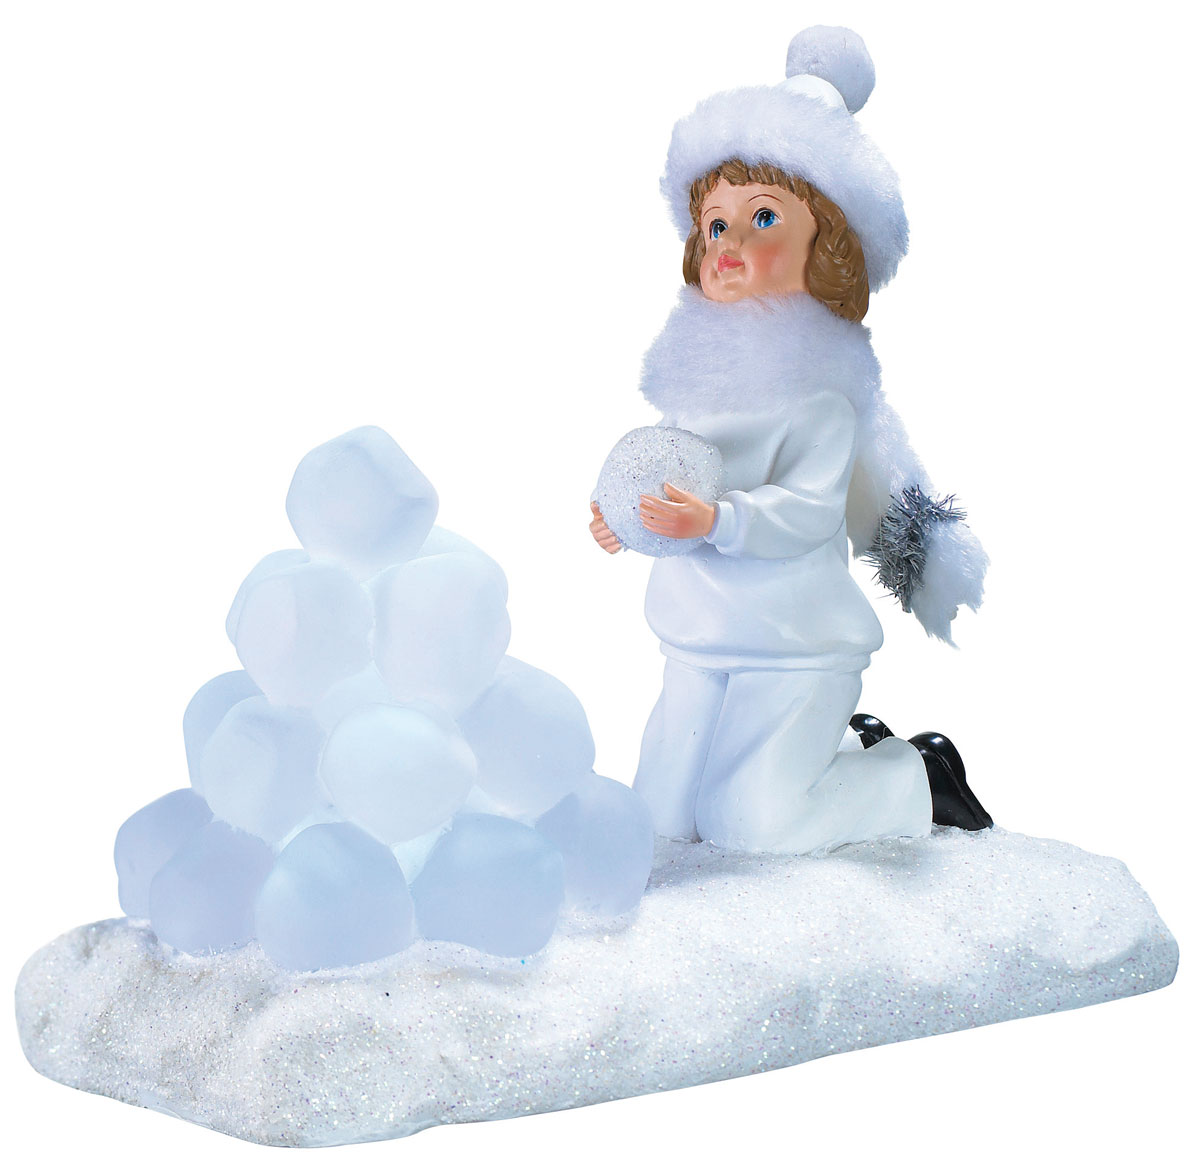 Новогодняя декоративная фигурка Девочка со снежками, с подсветкой1586044Новогодняя декоративная фигурка выполнена из акрила и пластика в виде девочки со снежками на подставке, украшенной белыми блестками. Шапочка и шарф у девочки выполнены из искусственного меха белого цвета. Изделие оснащено светодиодами. Свечение холодного белого цвета создаст атмосферу волшебства и праздника в вашем доме. Работает от батареек и от сети 220В. Адаптер входит в комплект.